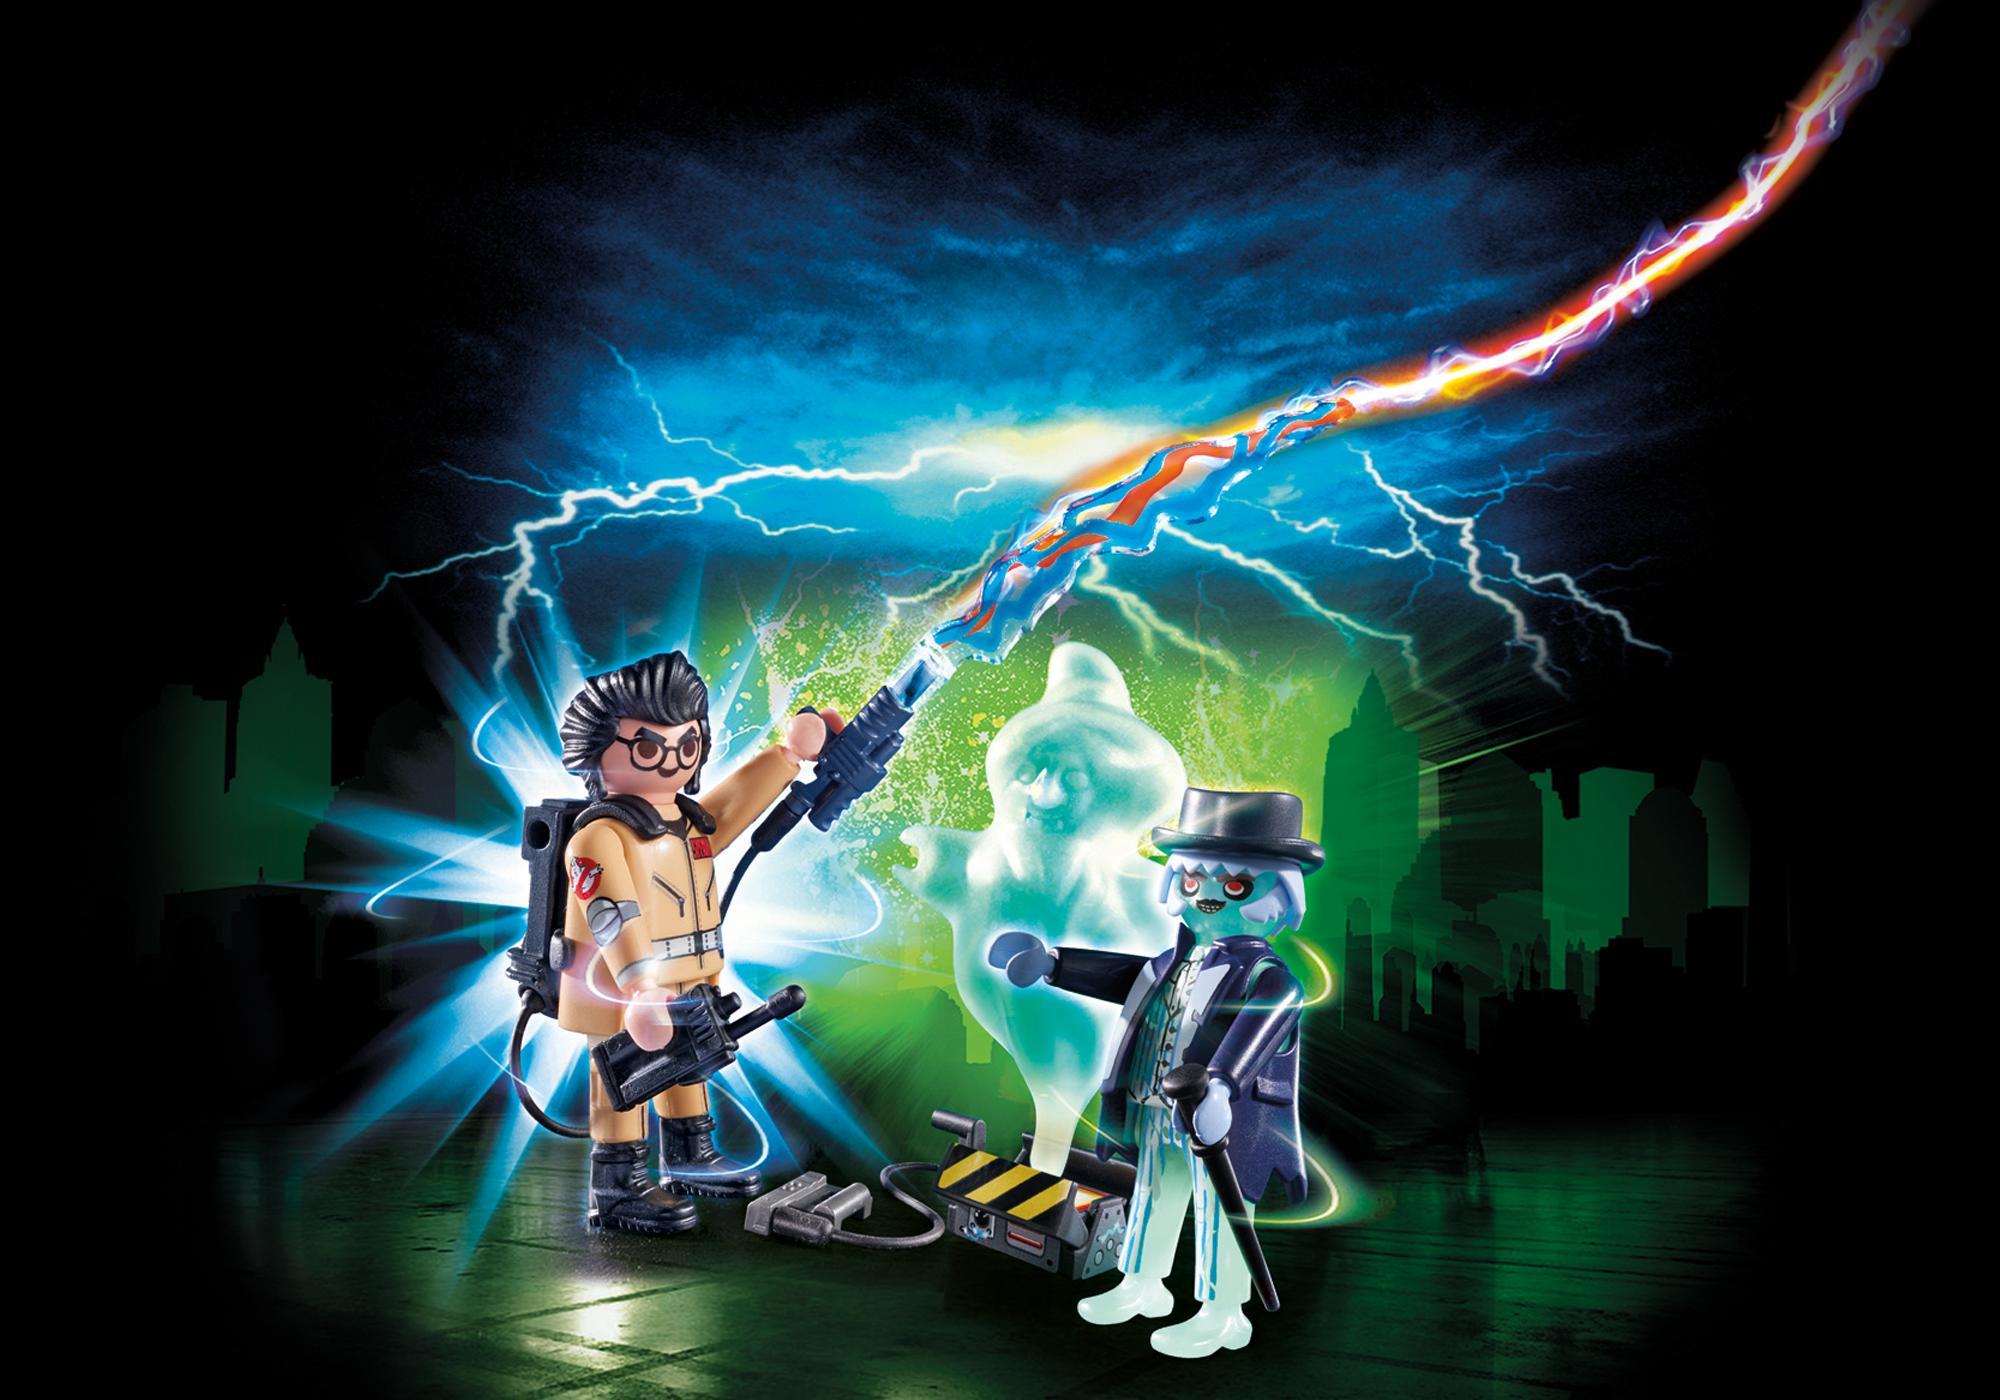 http://media.playmobil.com/i/playmobil/9224_product_detail/Spengler et fantôme